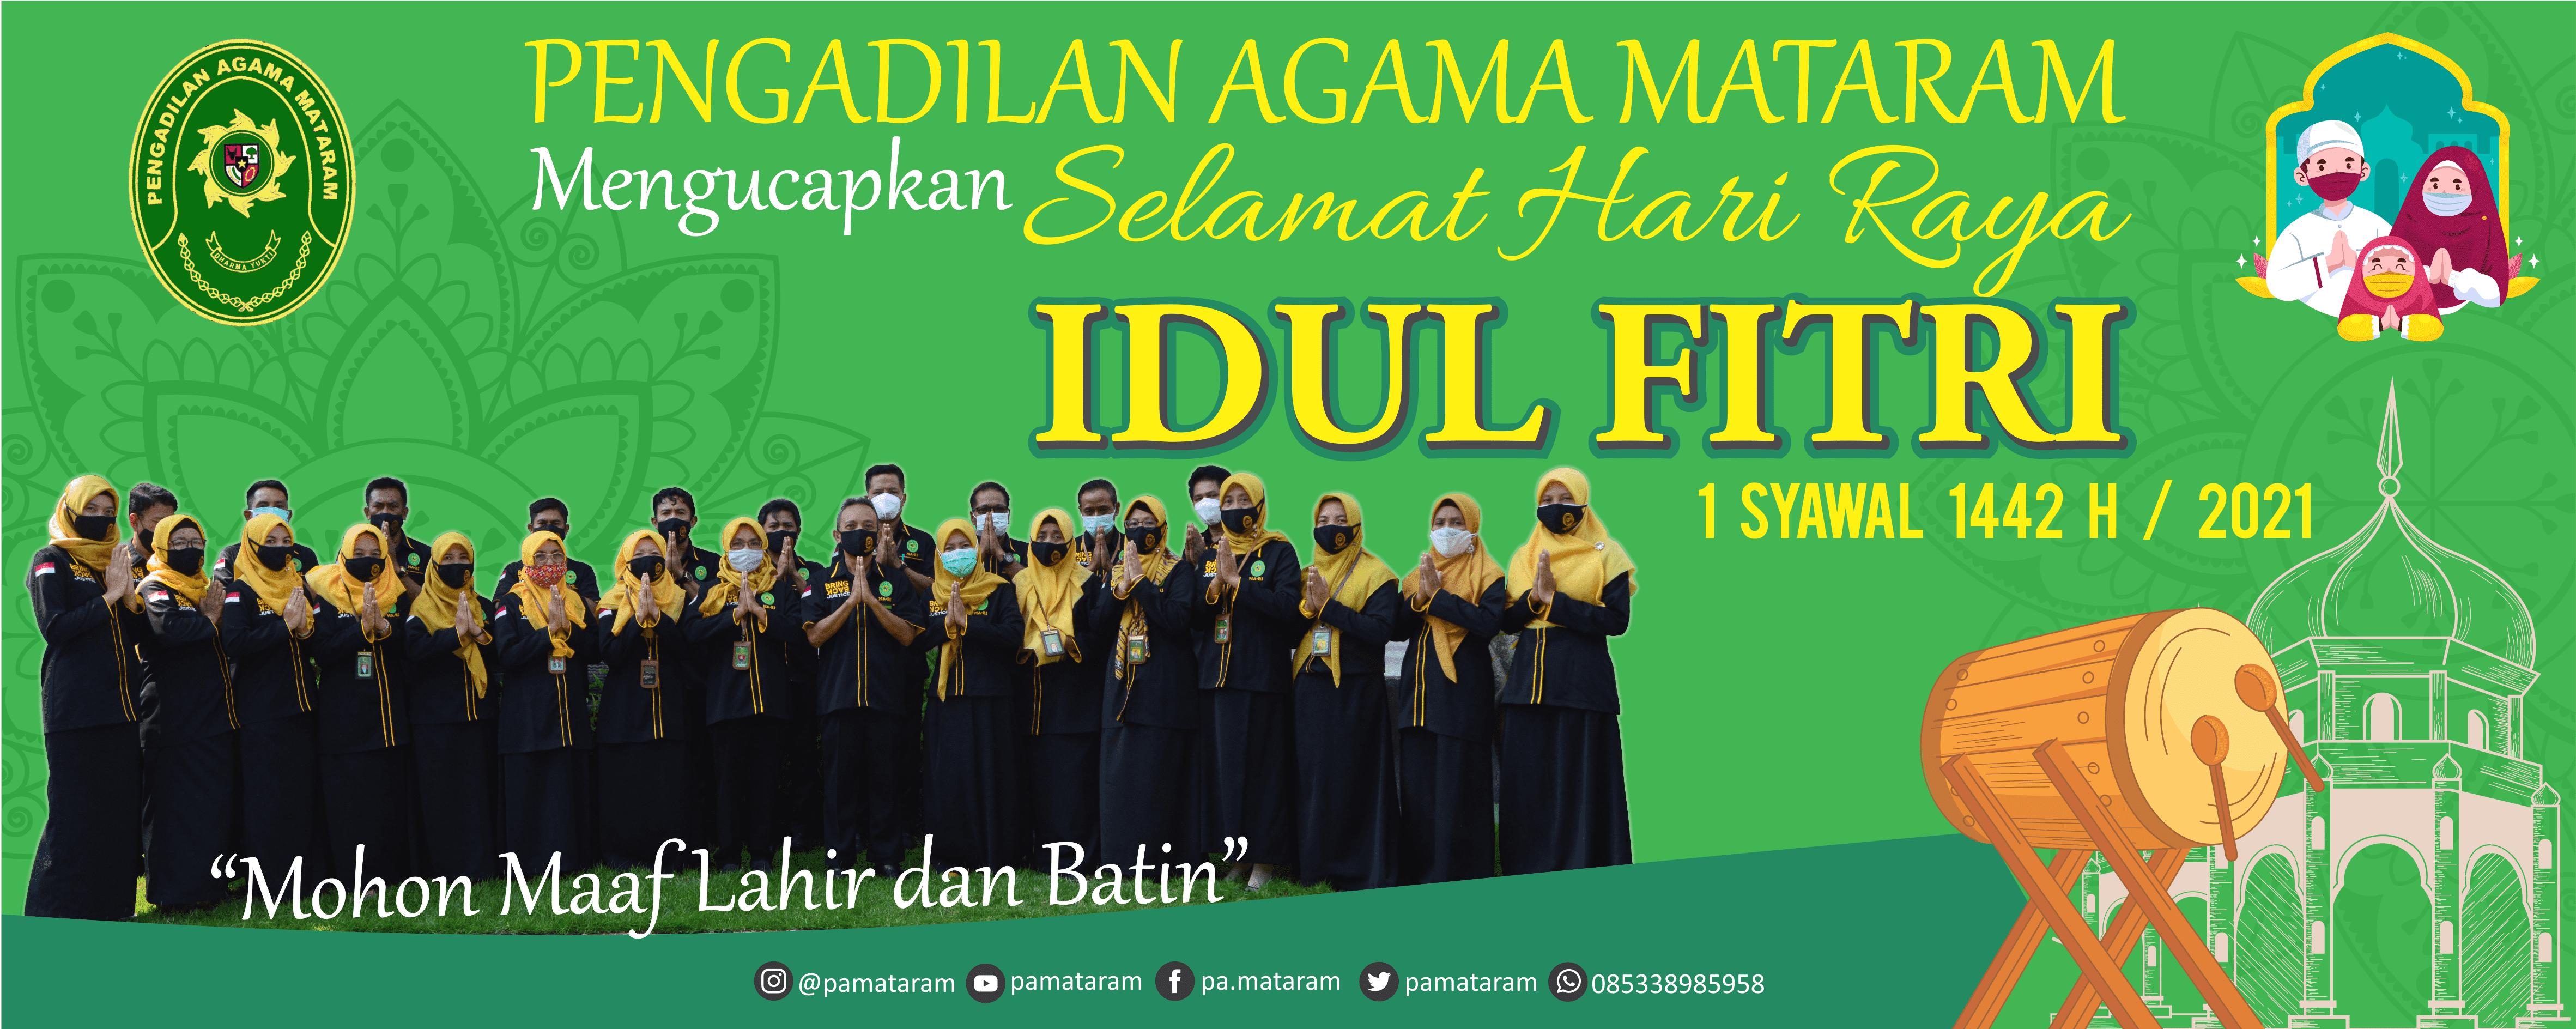 Selamat Hari Raya Idul Fitri 1442H.